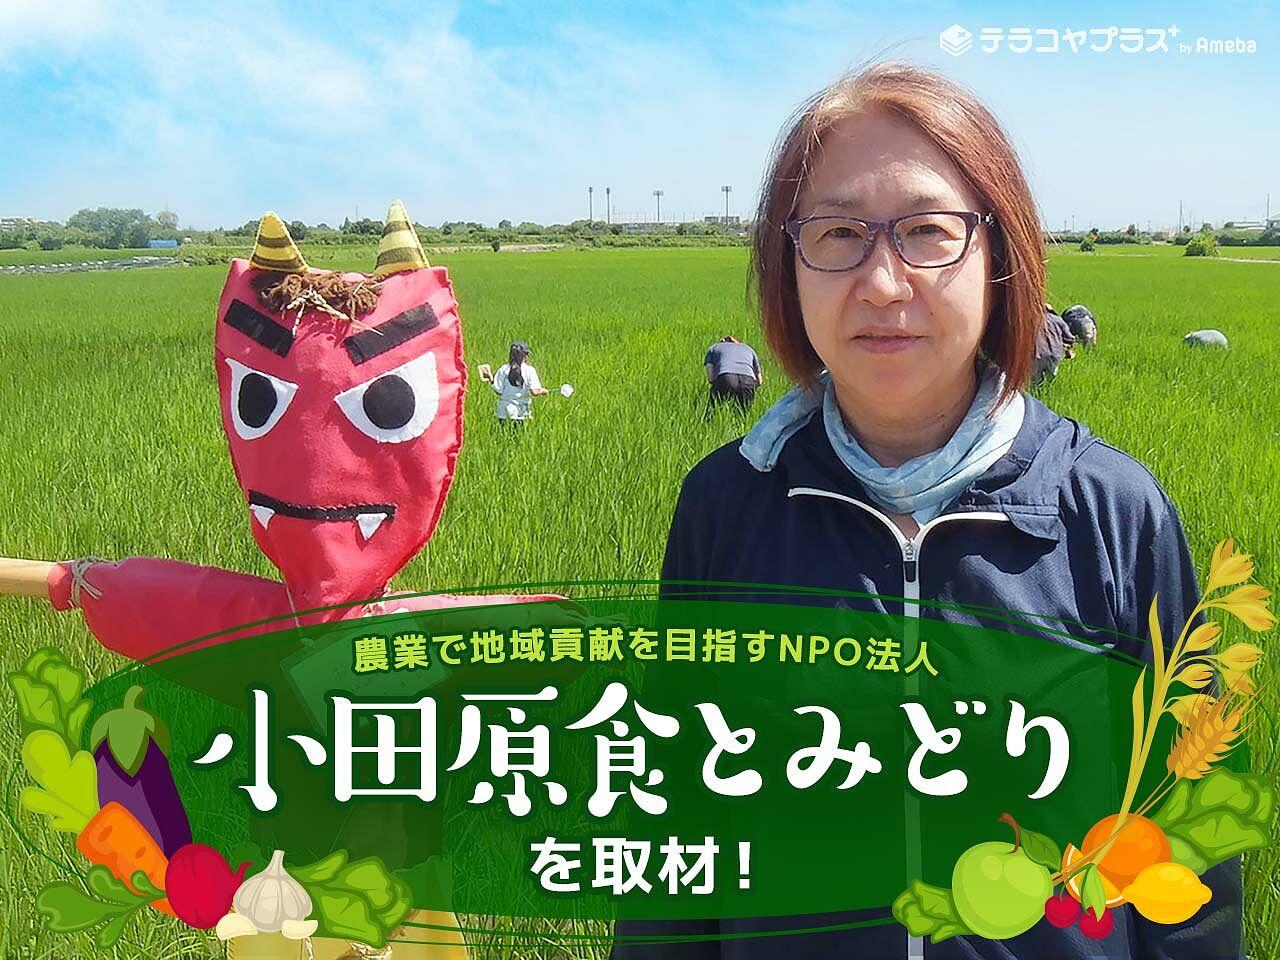 農業で地域貢献を目指すNPO法人「小田原食とみどり」を取材!親子で楽しめる農業体験とはの画像